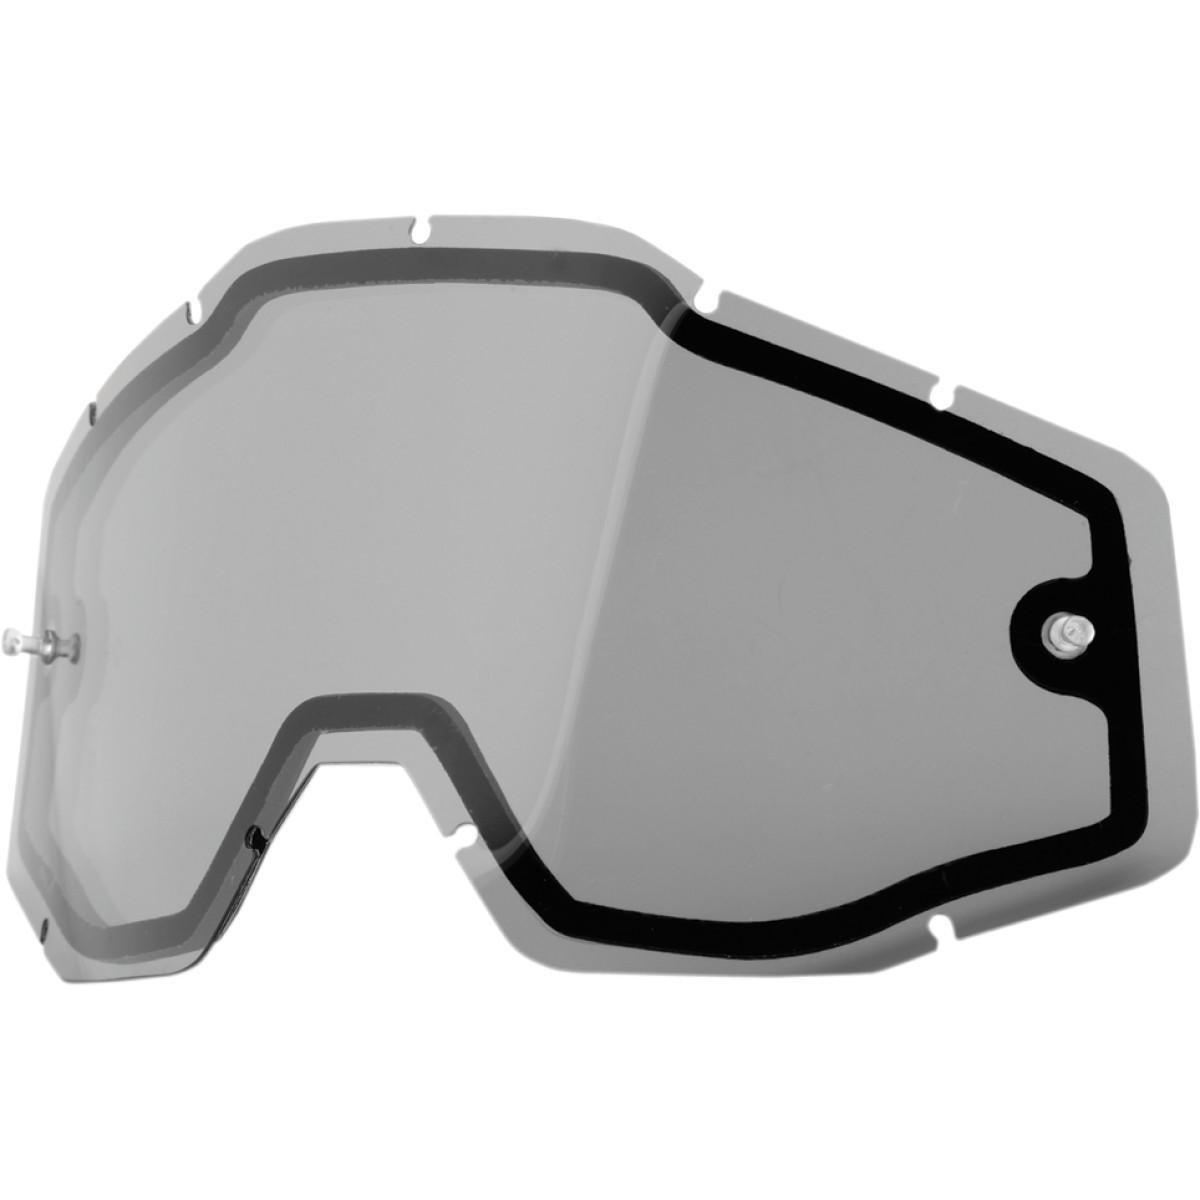 100% Racecraft/Accuri/Strata Replacement Dual Lens (UNISEX)